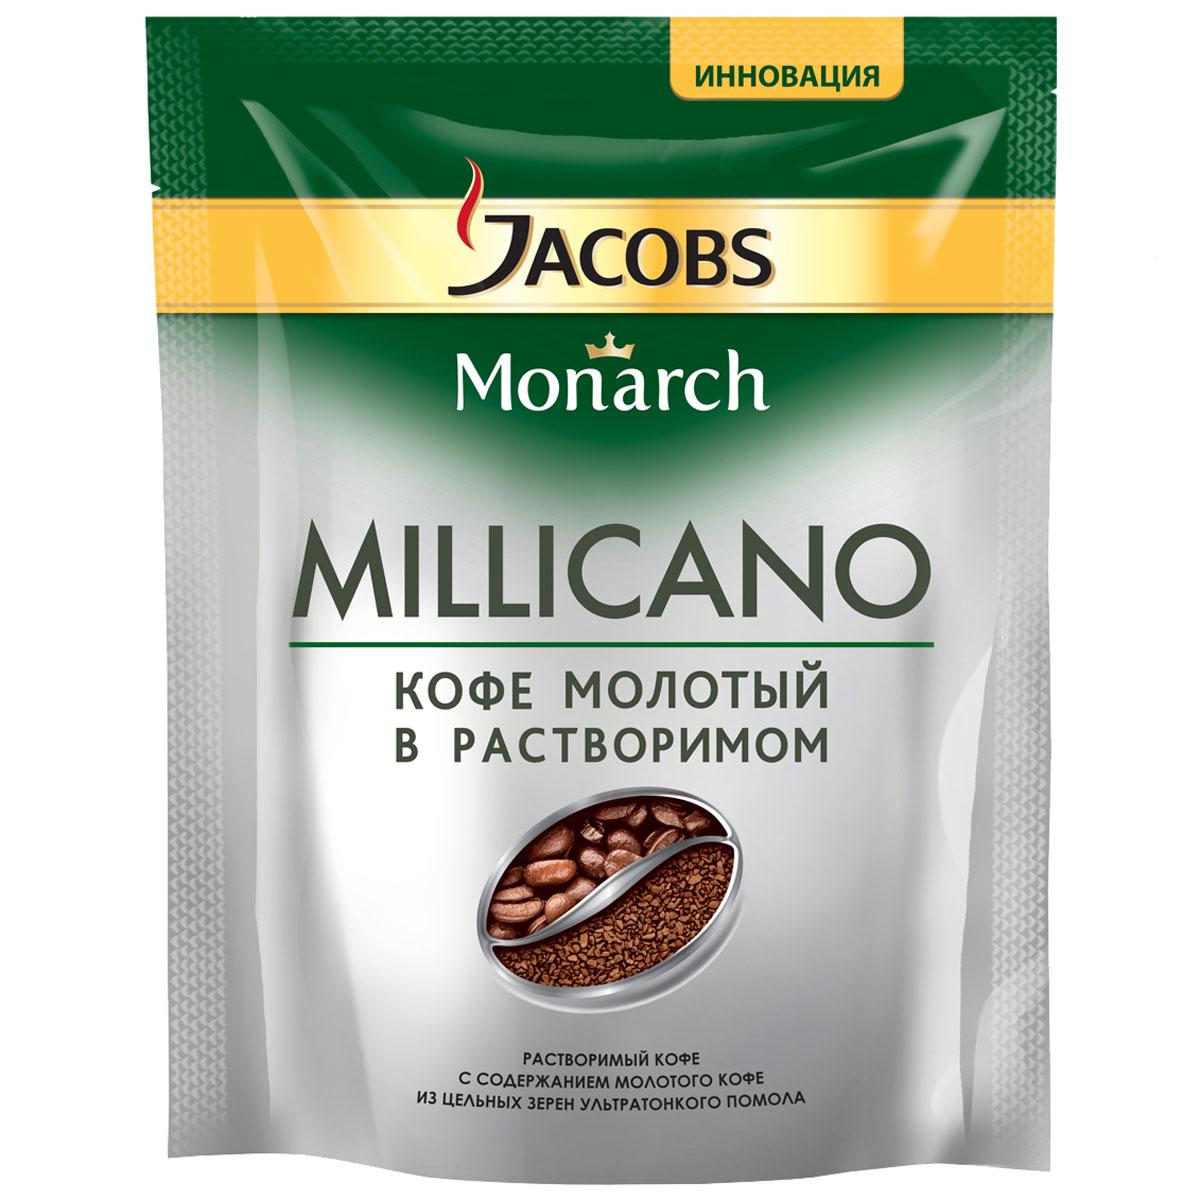 Jacobs Monarch Millicano кофе растворимый, 150 г (пакет)665348Jacobs Monarch Millicano - это кофе нового поколения молотый в растворимом. Новый Jacobs Monarch Millicano соединил в себе все лучшее от растворимого и натурального молотого кофе - плотный насыщенный вкус, богатый аромат и быстроту приготовления. Благодаря специальной технологии производства каждая растворимая гранула Millicano содержит в себе частички цельных обжаренных зерен ультратонкого помола, которые отчетливо раскрывают характер кофейного зерна в каждой чашке.